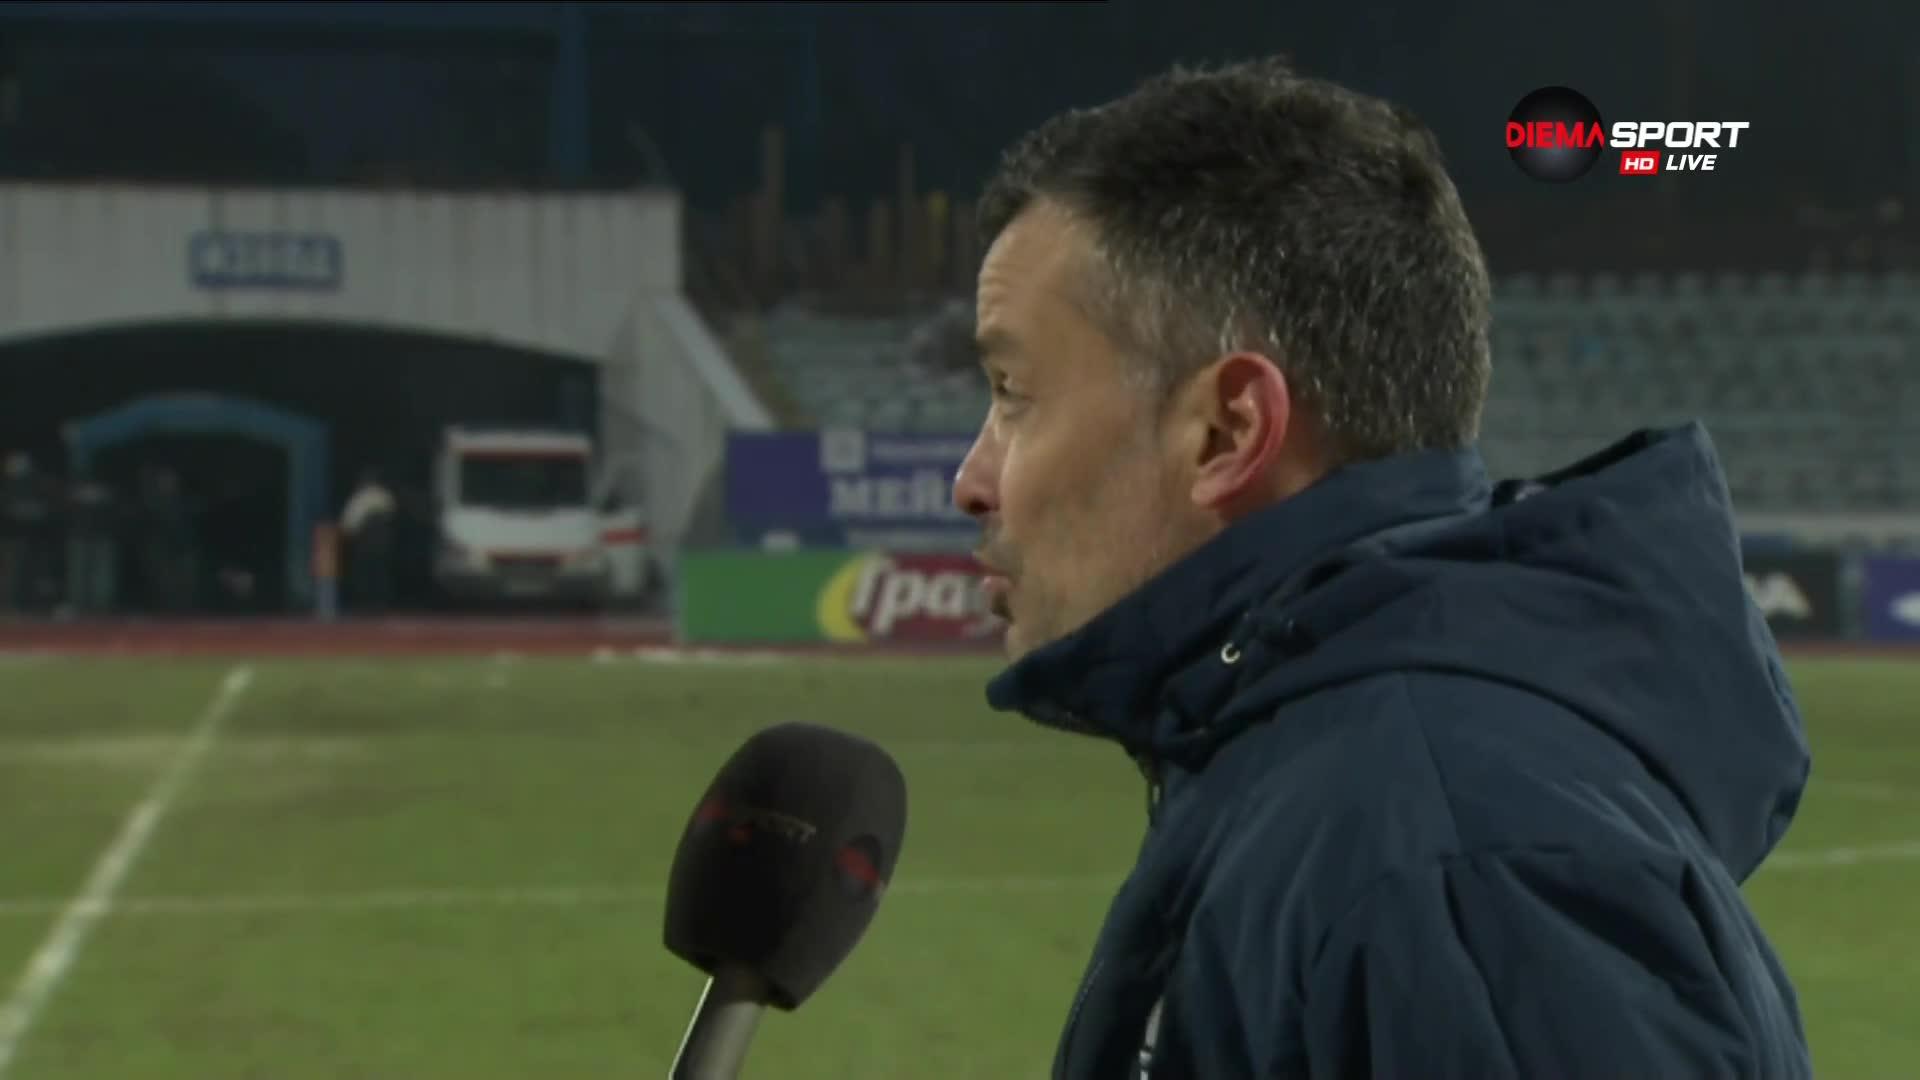 Треньорът на Дунав бесен на рефера: Подигравка! 1:1 за г-н Давидов!